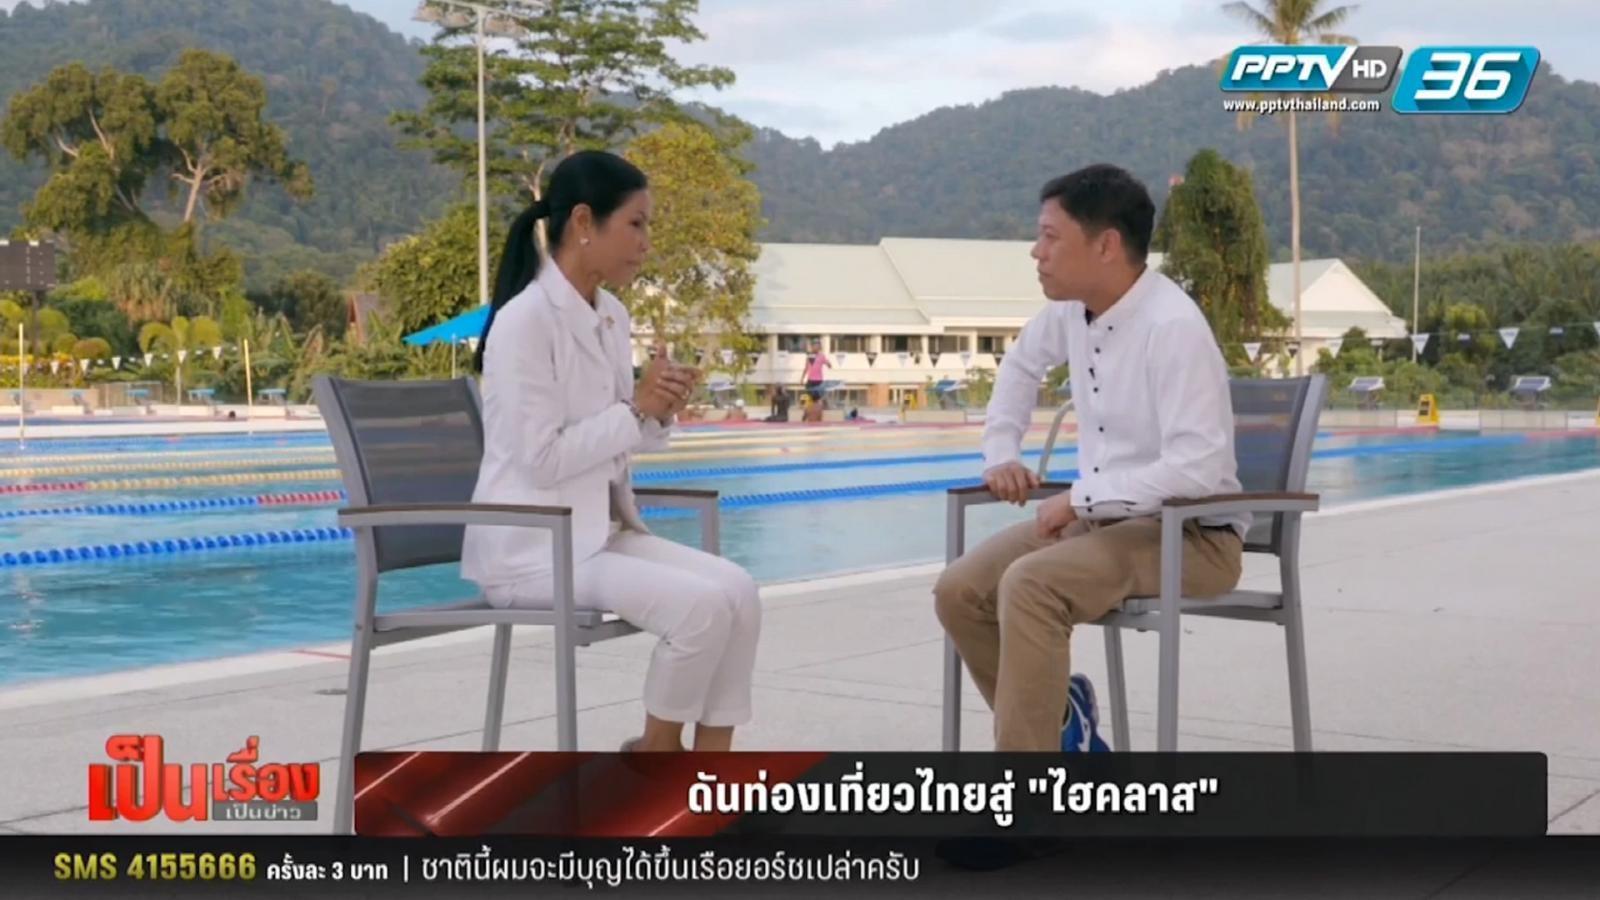 """""""กอบกาญจน์"""" ปรับภาพลักษณ์ท่องเที่ยวไทยสู่ระดับ """"ไฮคลาส"""""""